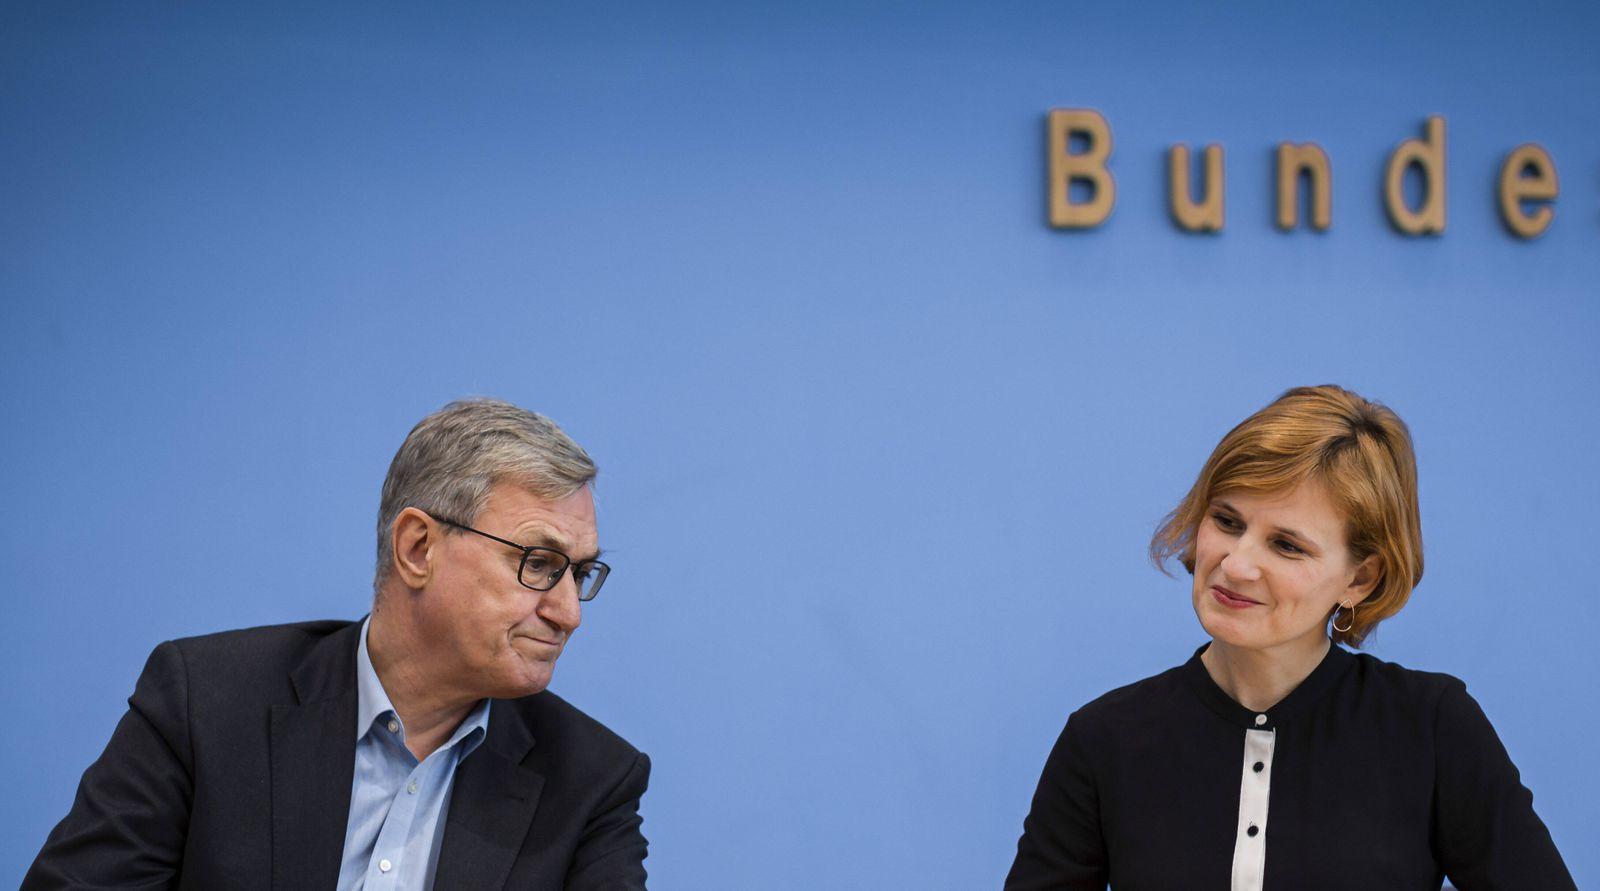 Katja Kipping, Parteivorsitzende DIE LINKE; Bernd Riexinger, Parteivorsitzender DIE LINKE bei einer Pressekonferenz, an